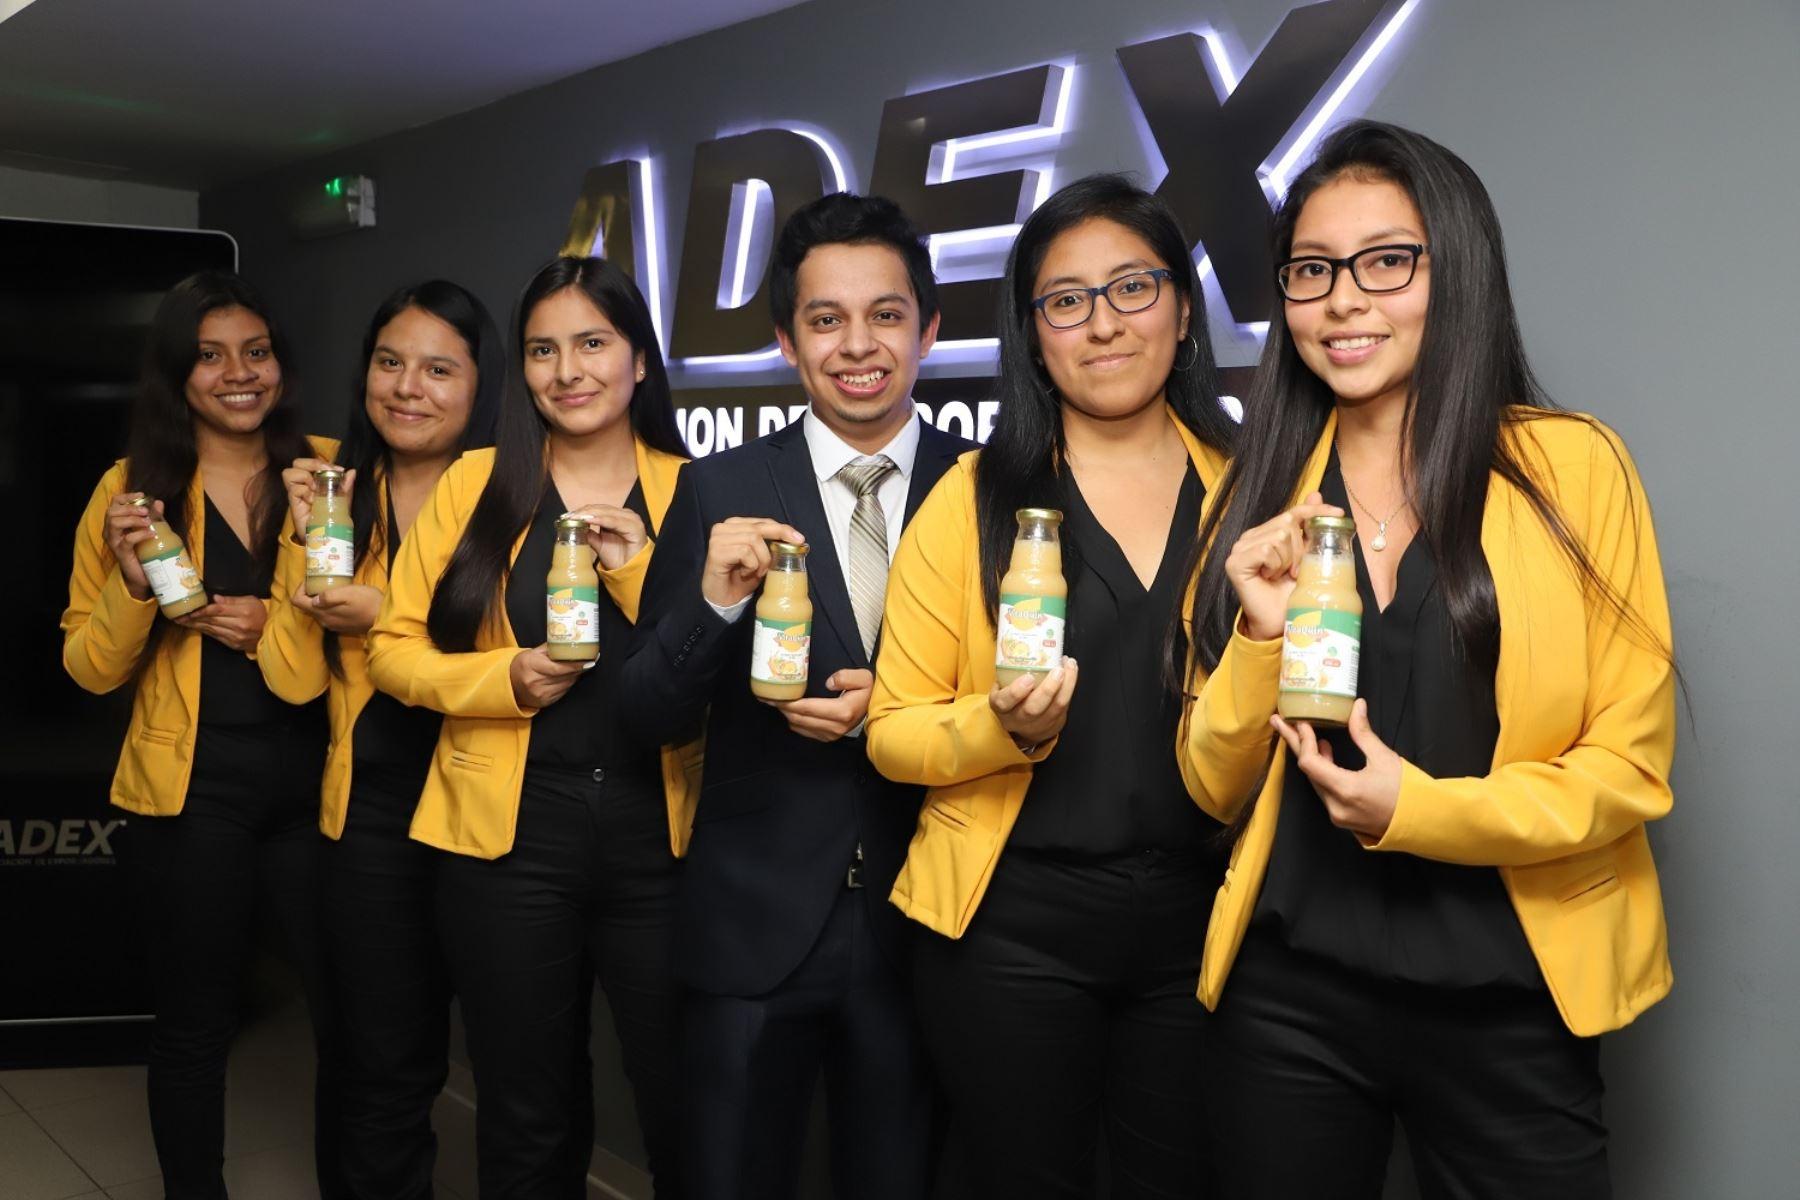 Jóvenes emprendedores en la exportación. Foto: Cortesía.